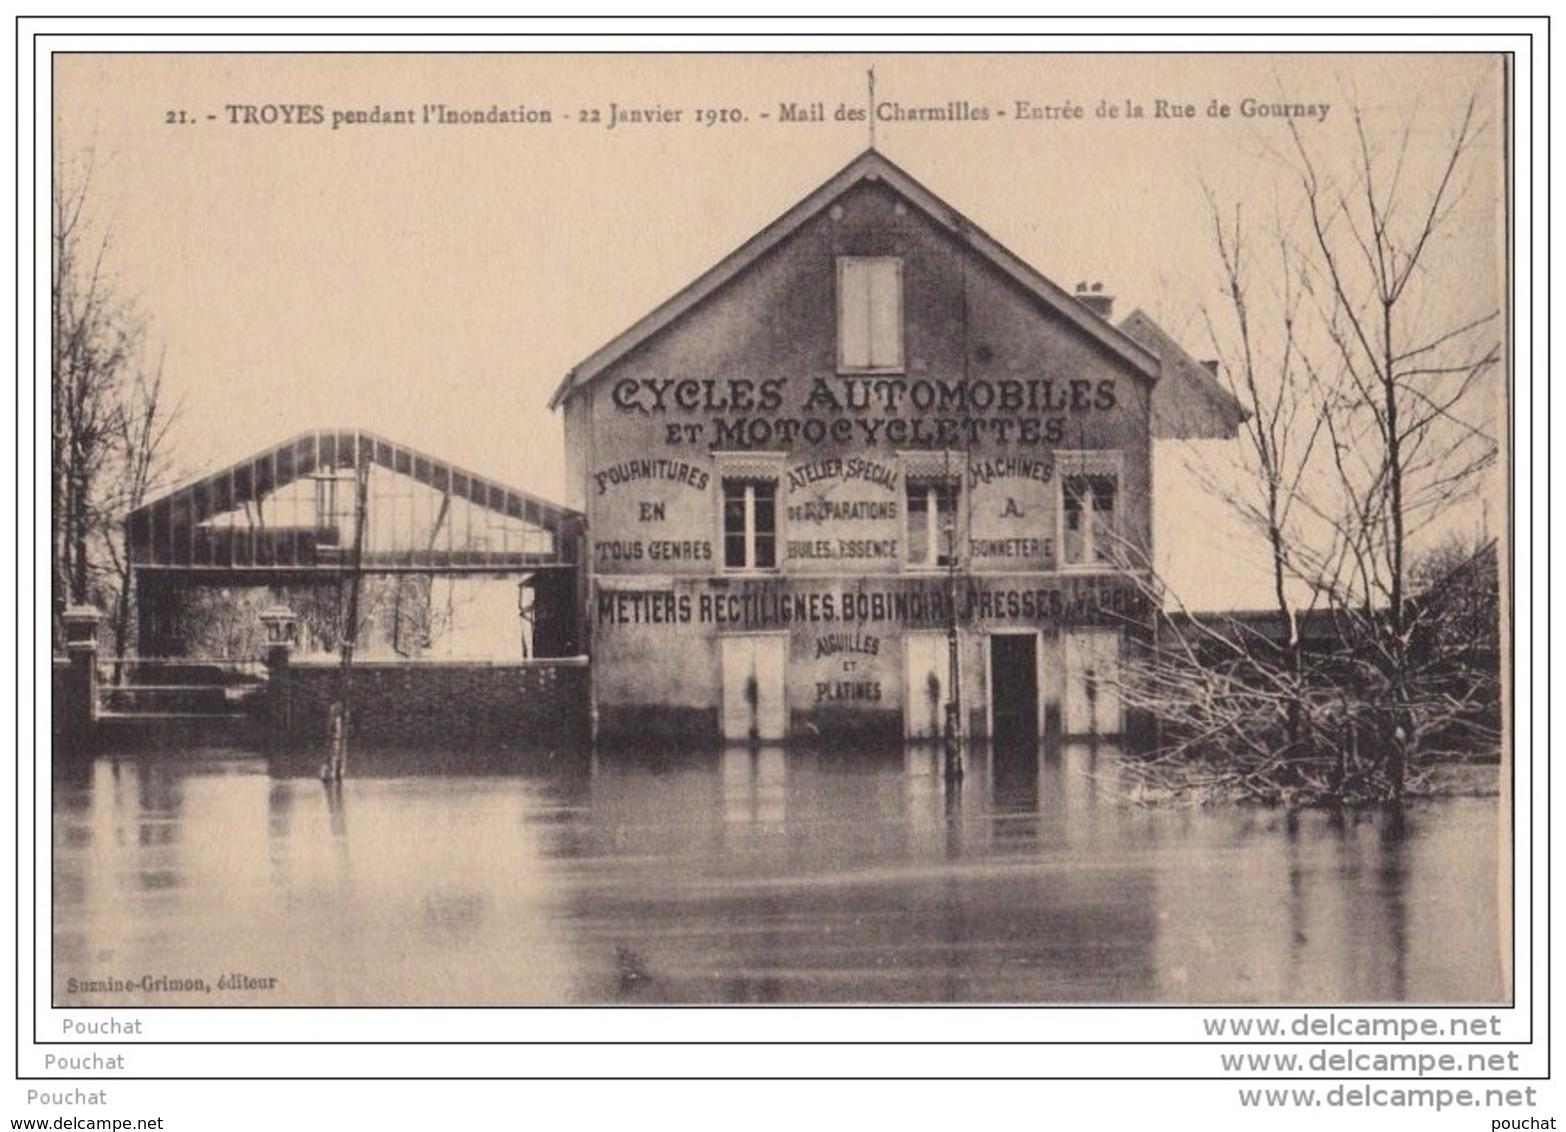 10) TROYES Pendant L'inondation - 22 Janvier 1910 - Mail Des Charmilles - Entrée De La Rue De Gournay - Commerce Cycles - Troyes